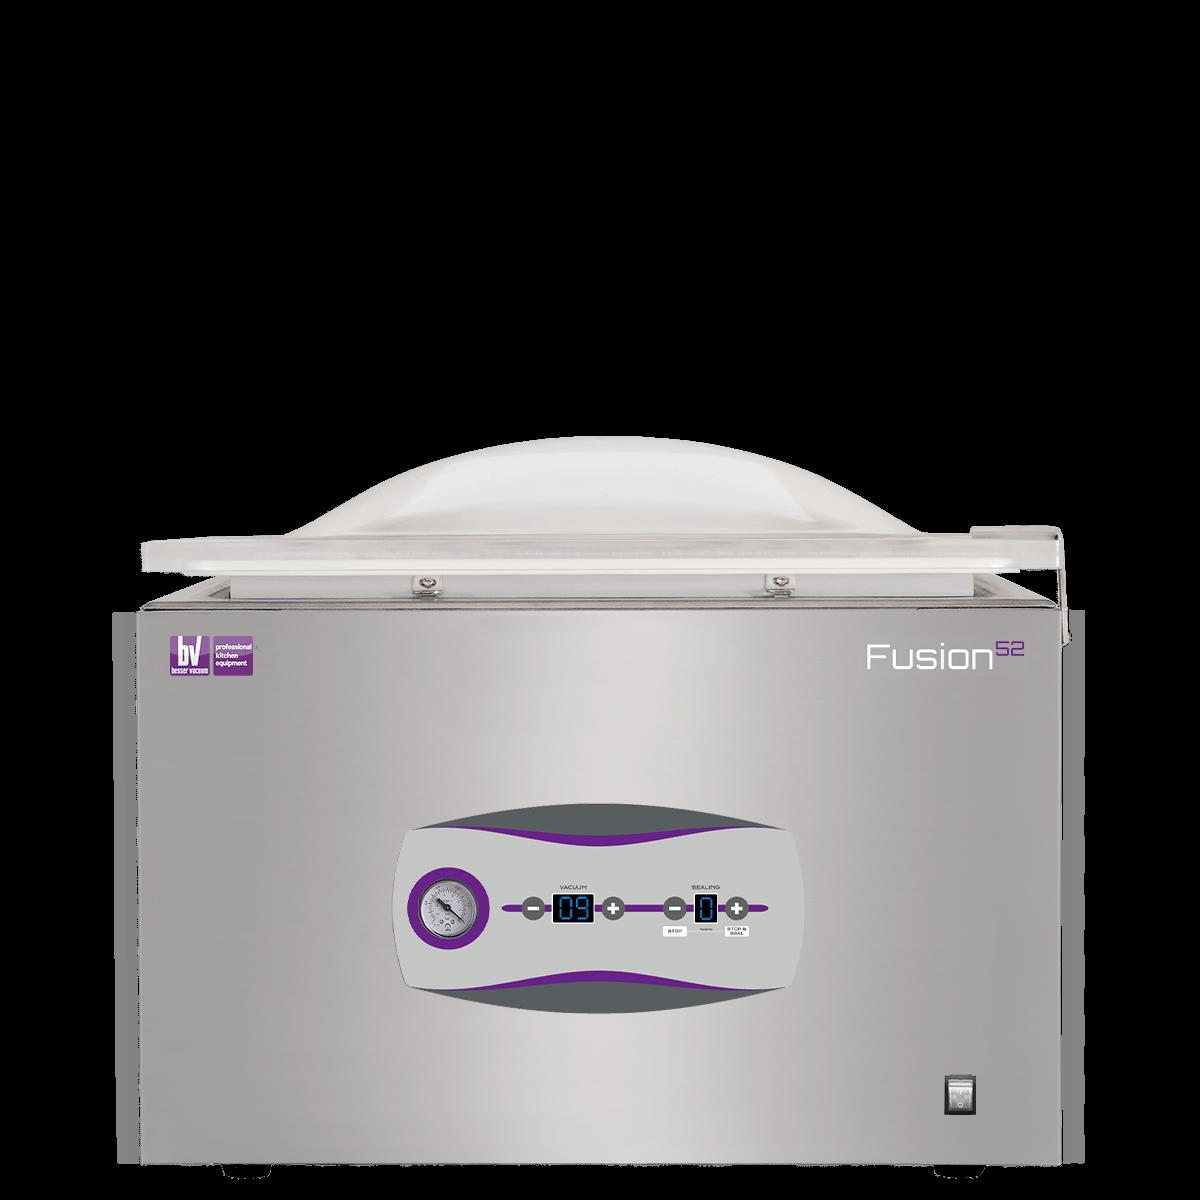 Fusion 52 chambered vacuum packing machine